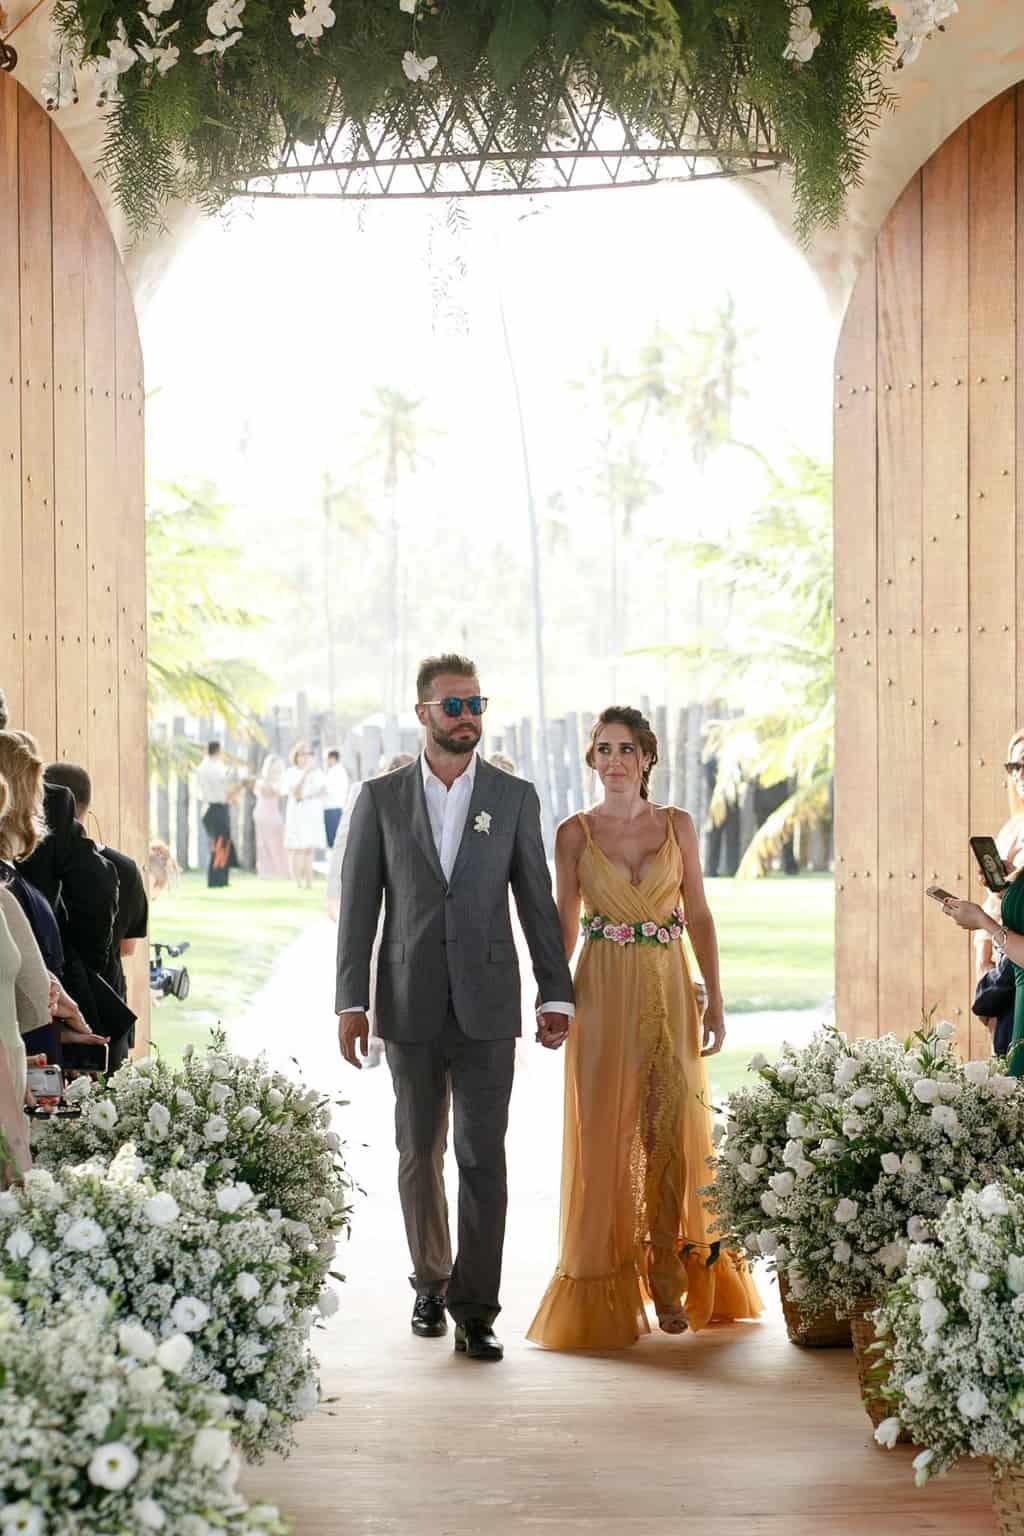 AL-Aline-e-Mauricio-capela-dos-milagres-casamento-casamento-na-praia-cortejo-madrinhas-padrinhos37